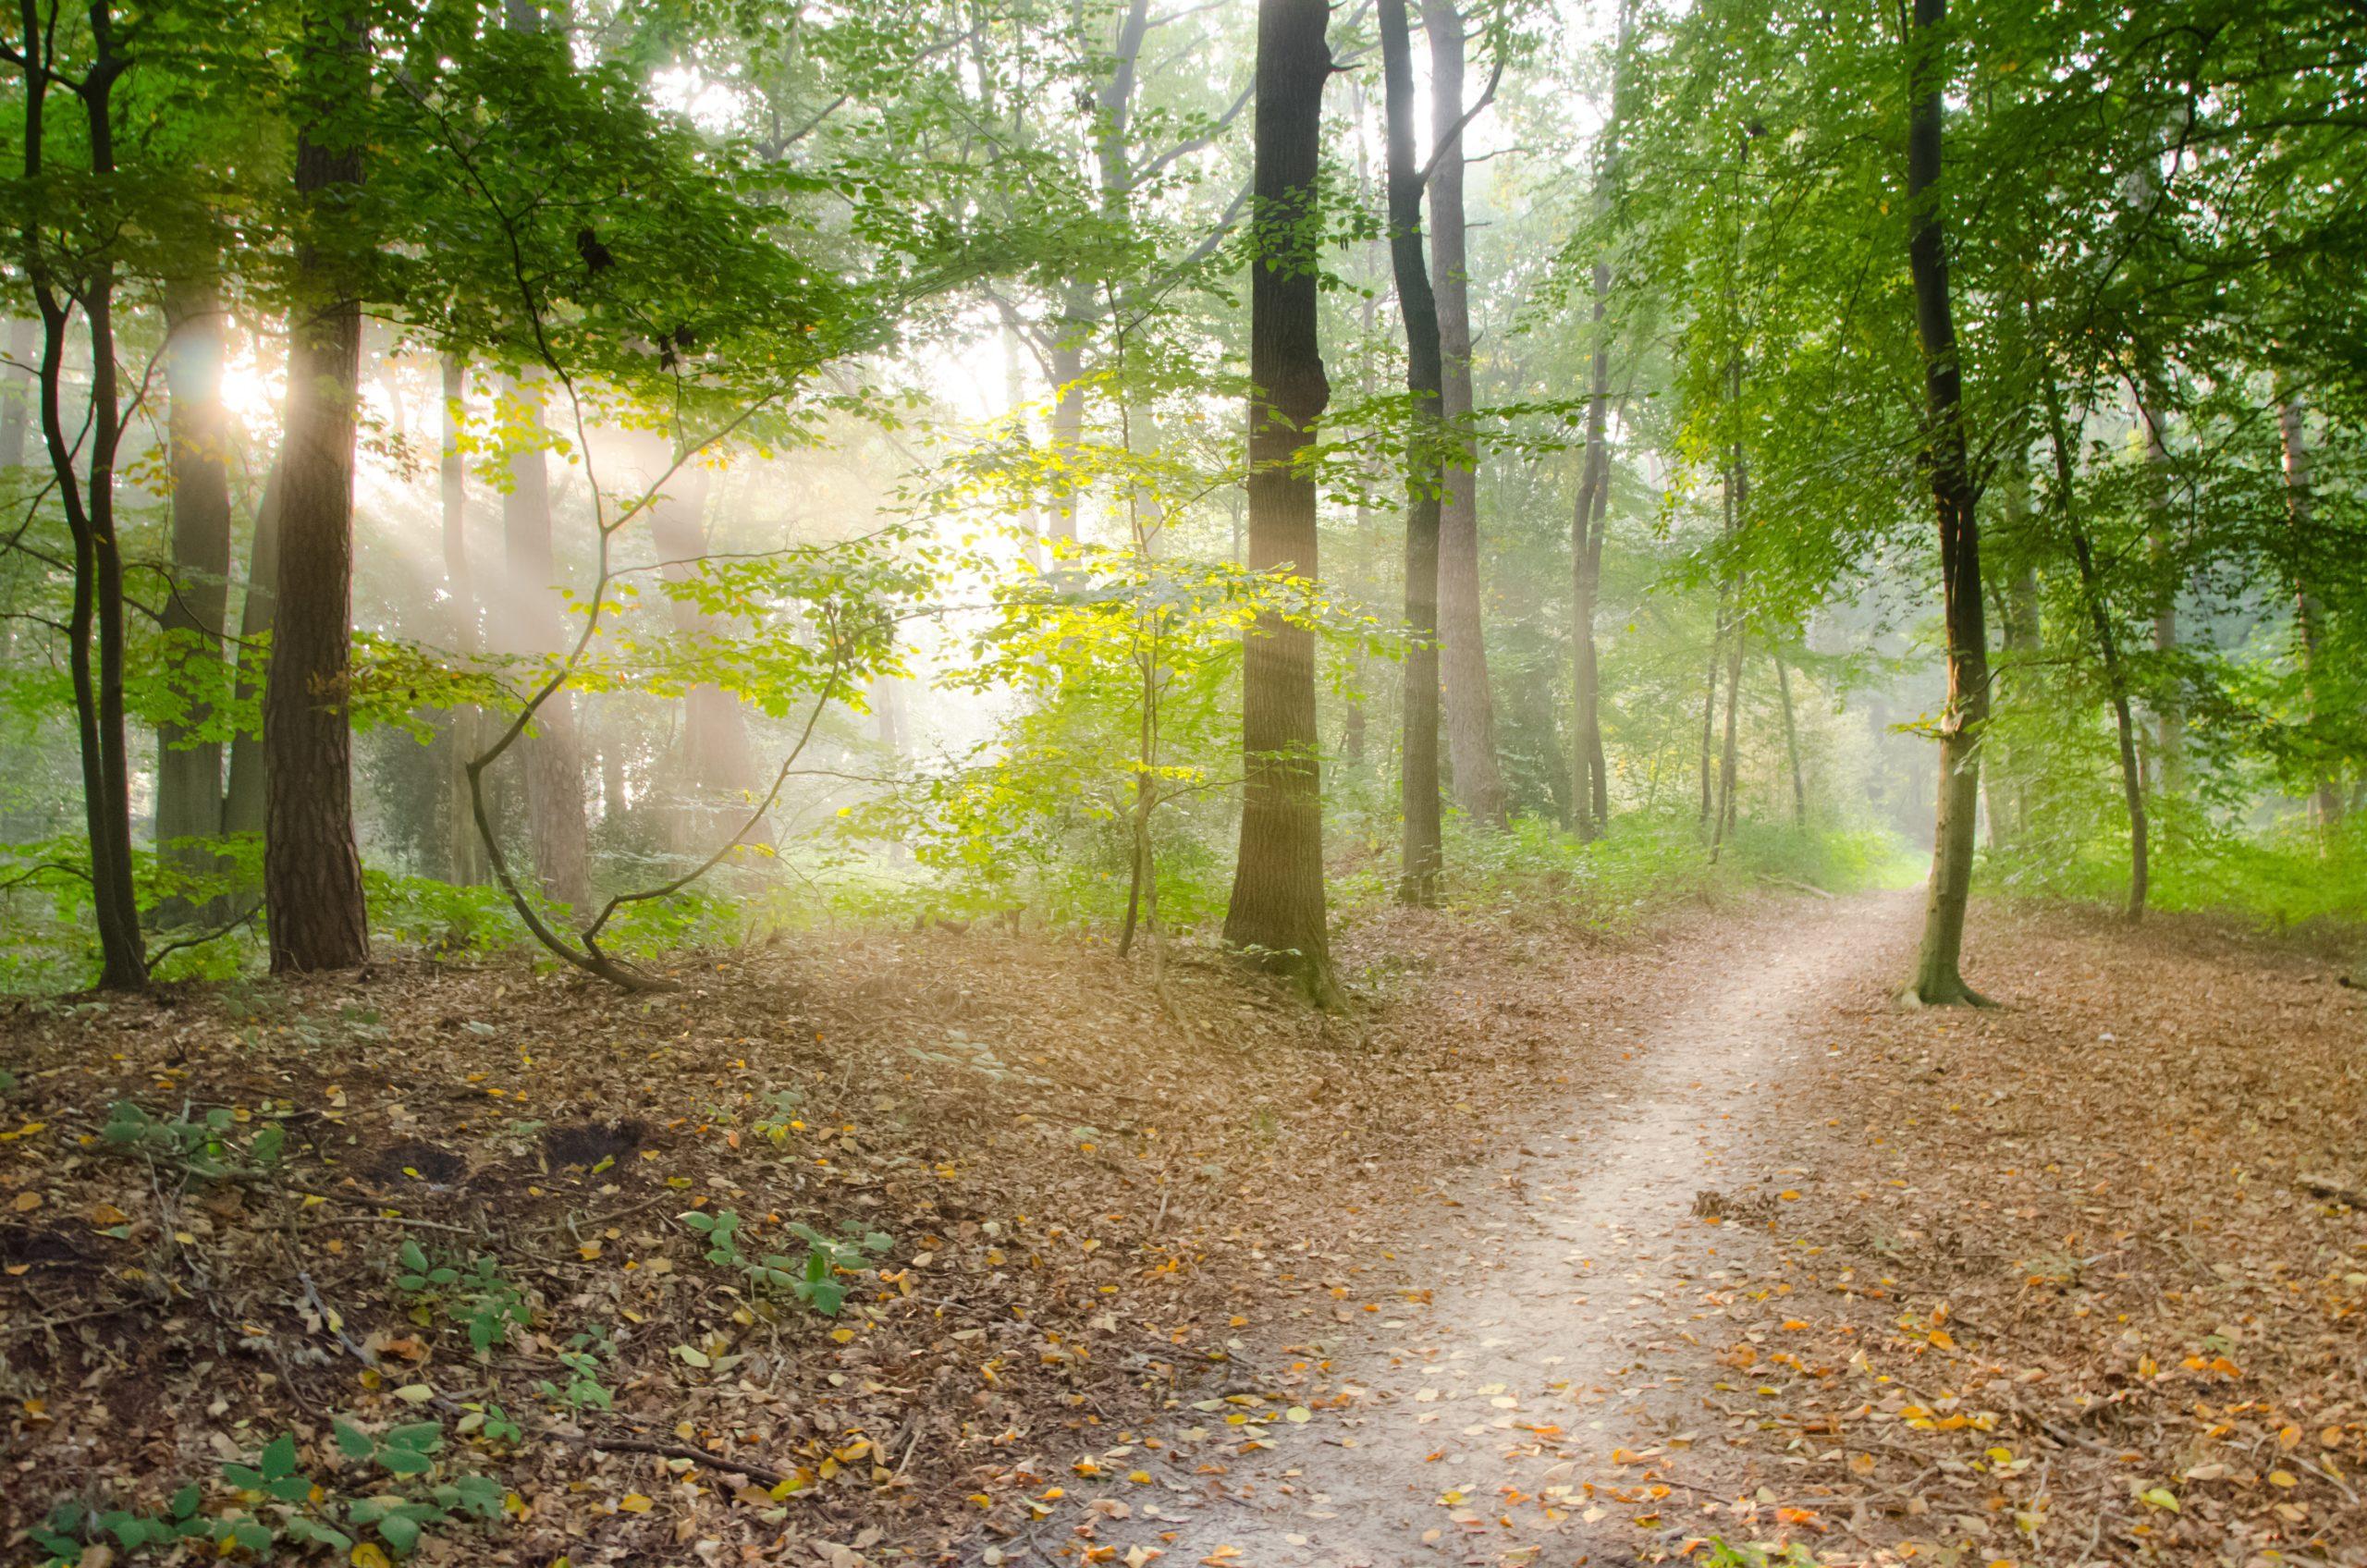 Treffpunkt Wald – Ein Praxis-Kurs für Waldspaziergänge